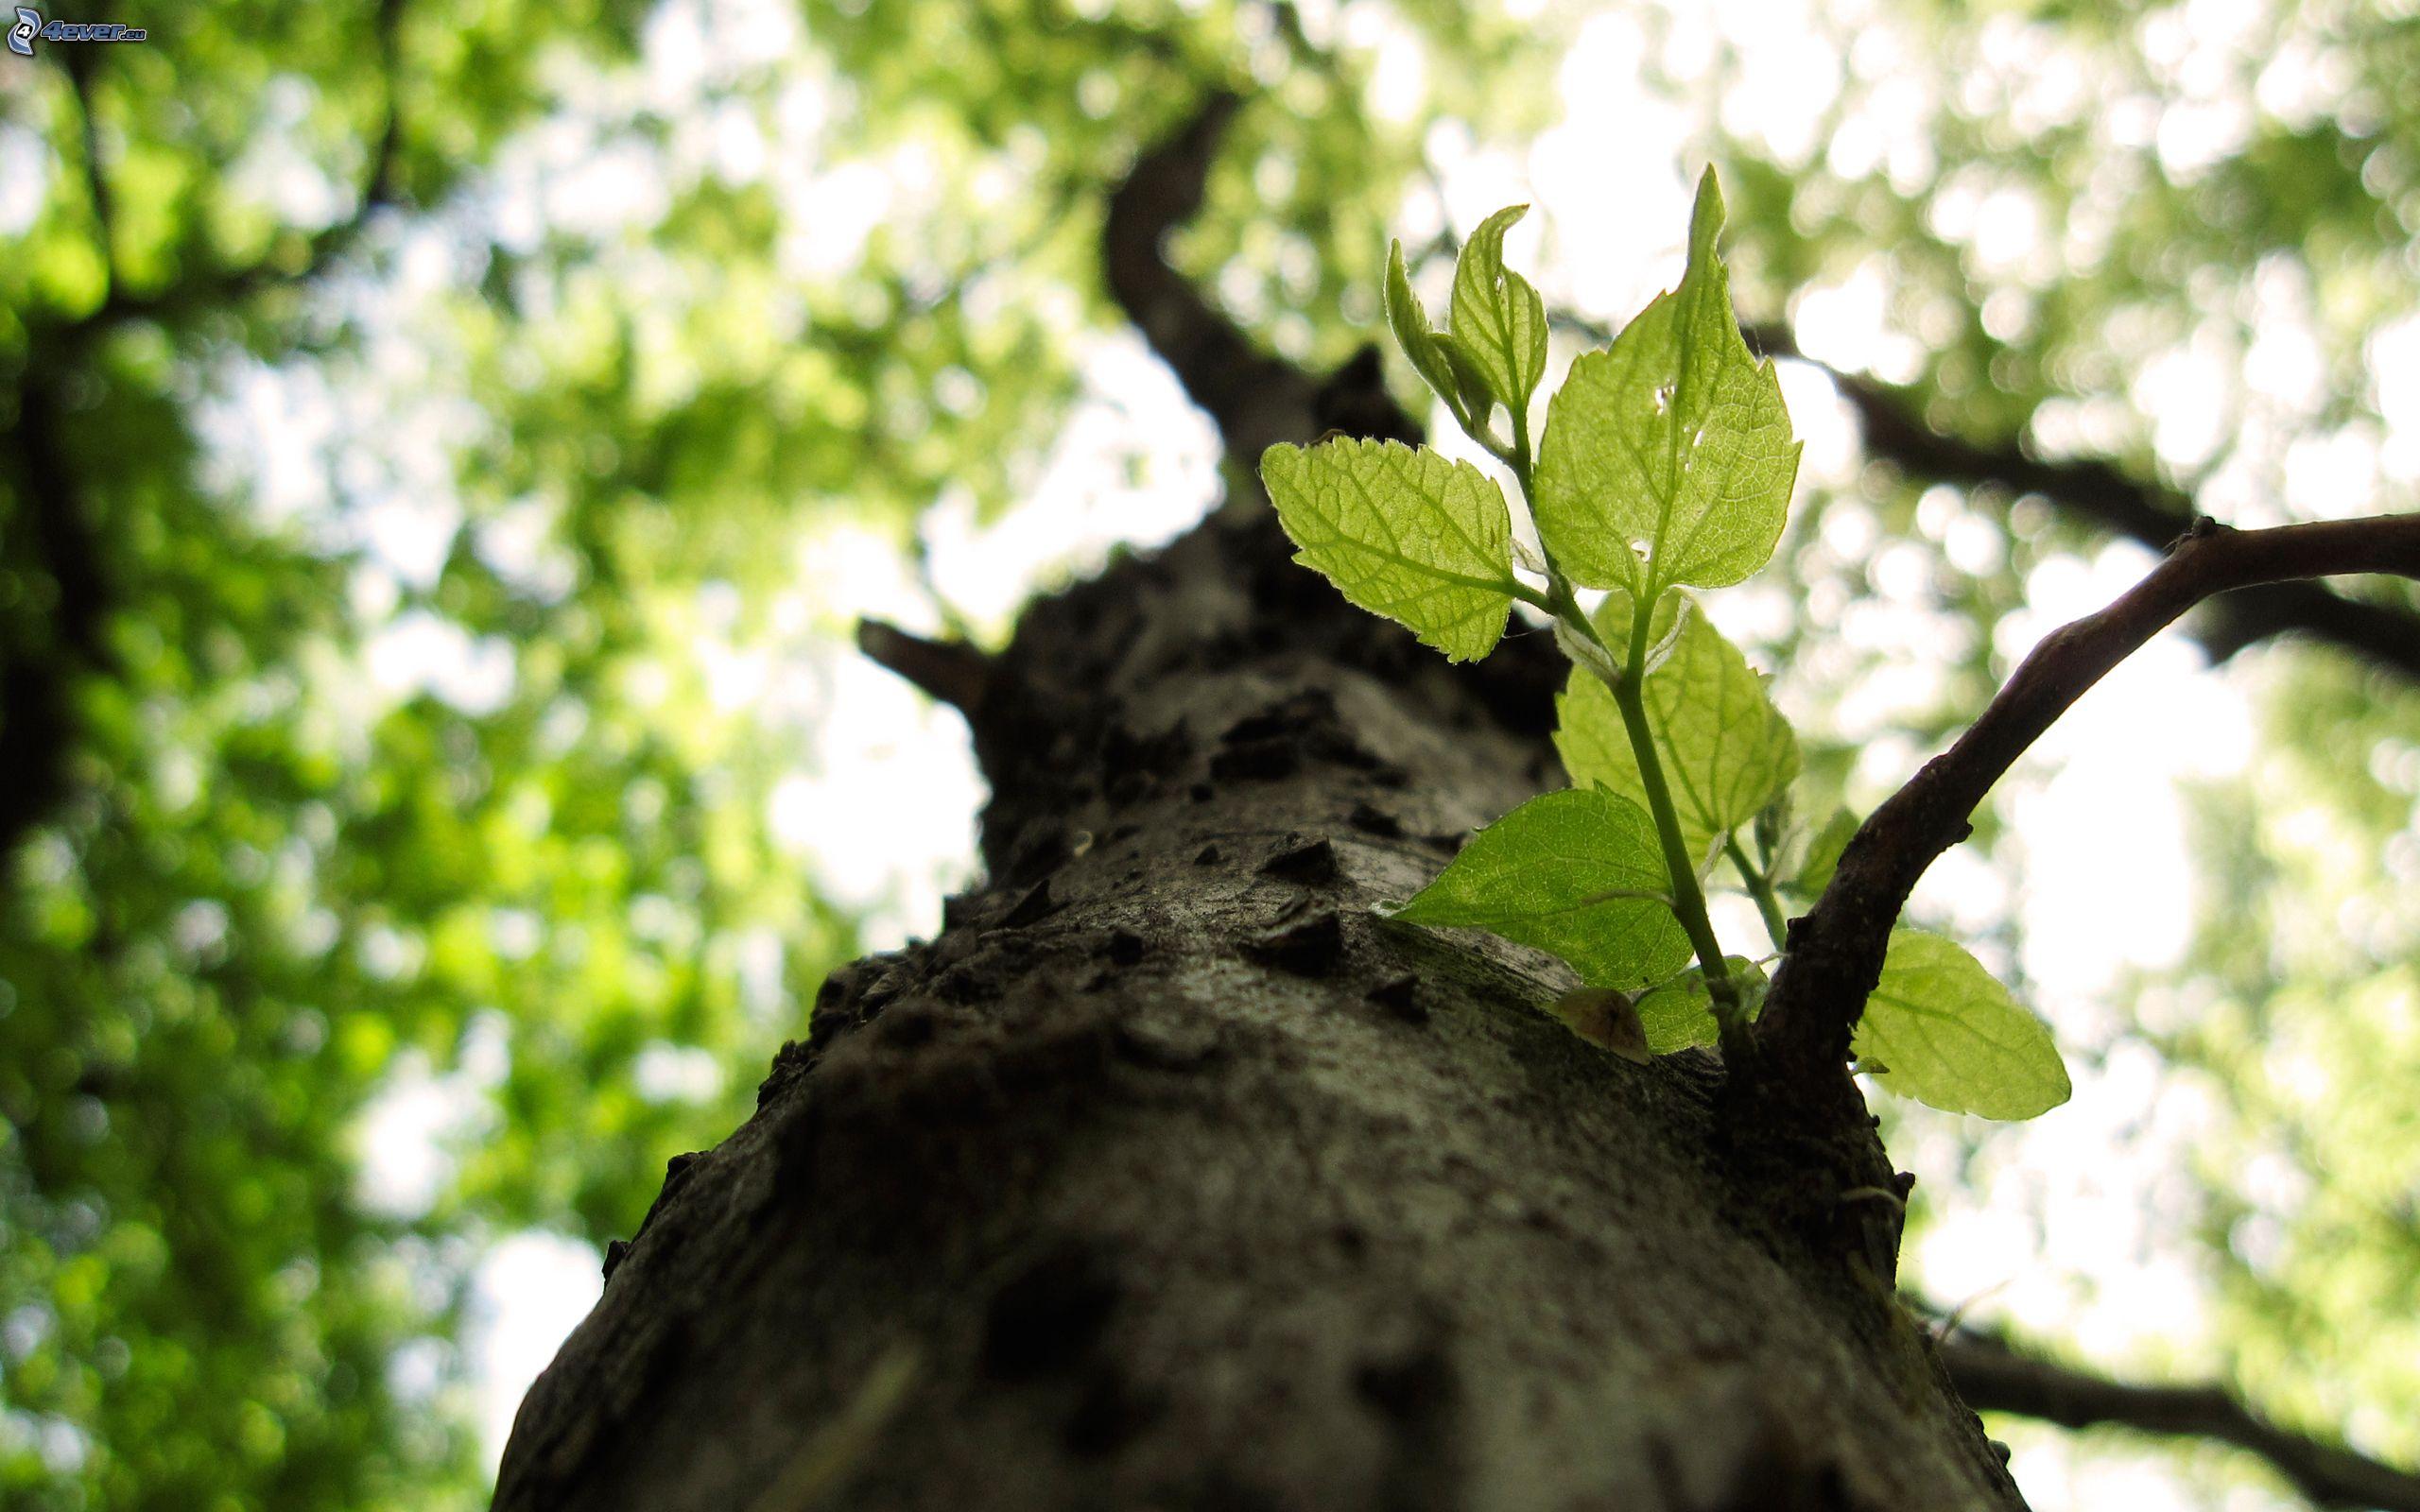 Imagen de arbol con hojas imagui for Arboles de hoja caduca